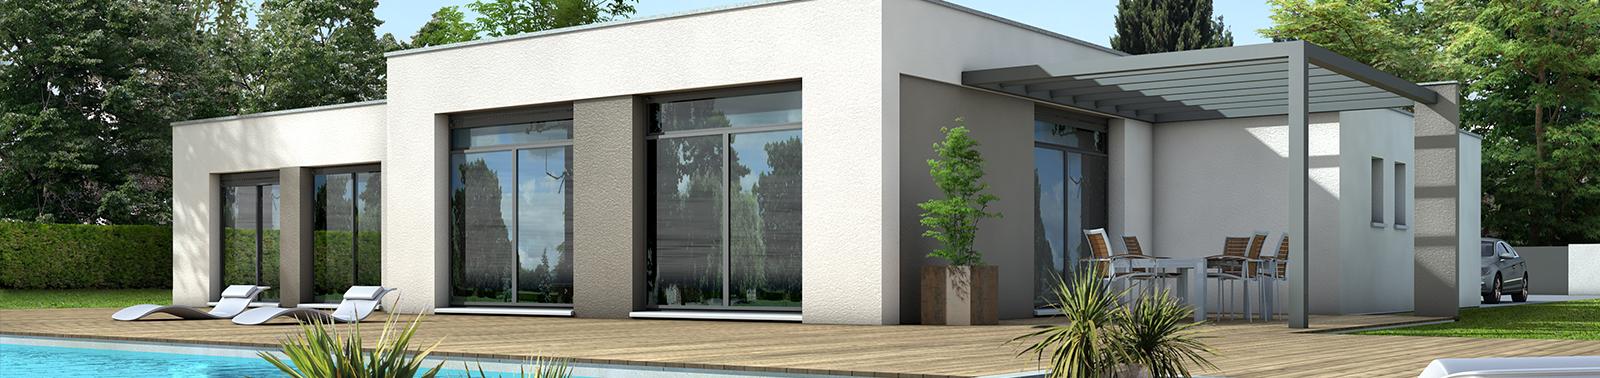 Constructeur de maisons individuelles en Drôme Ardèche - Dauphibat